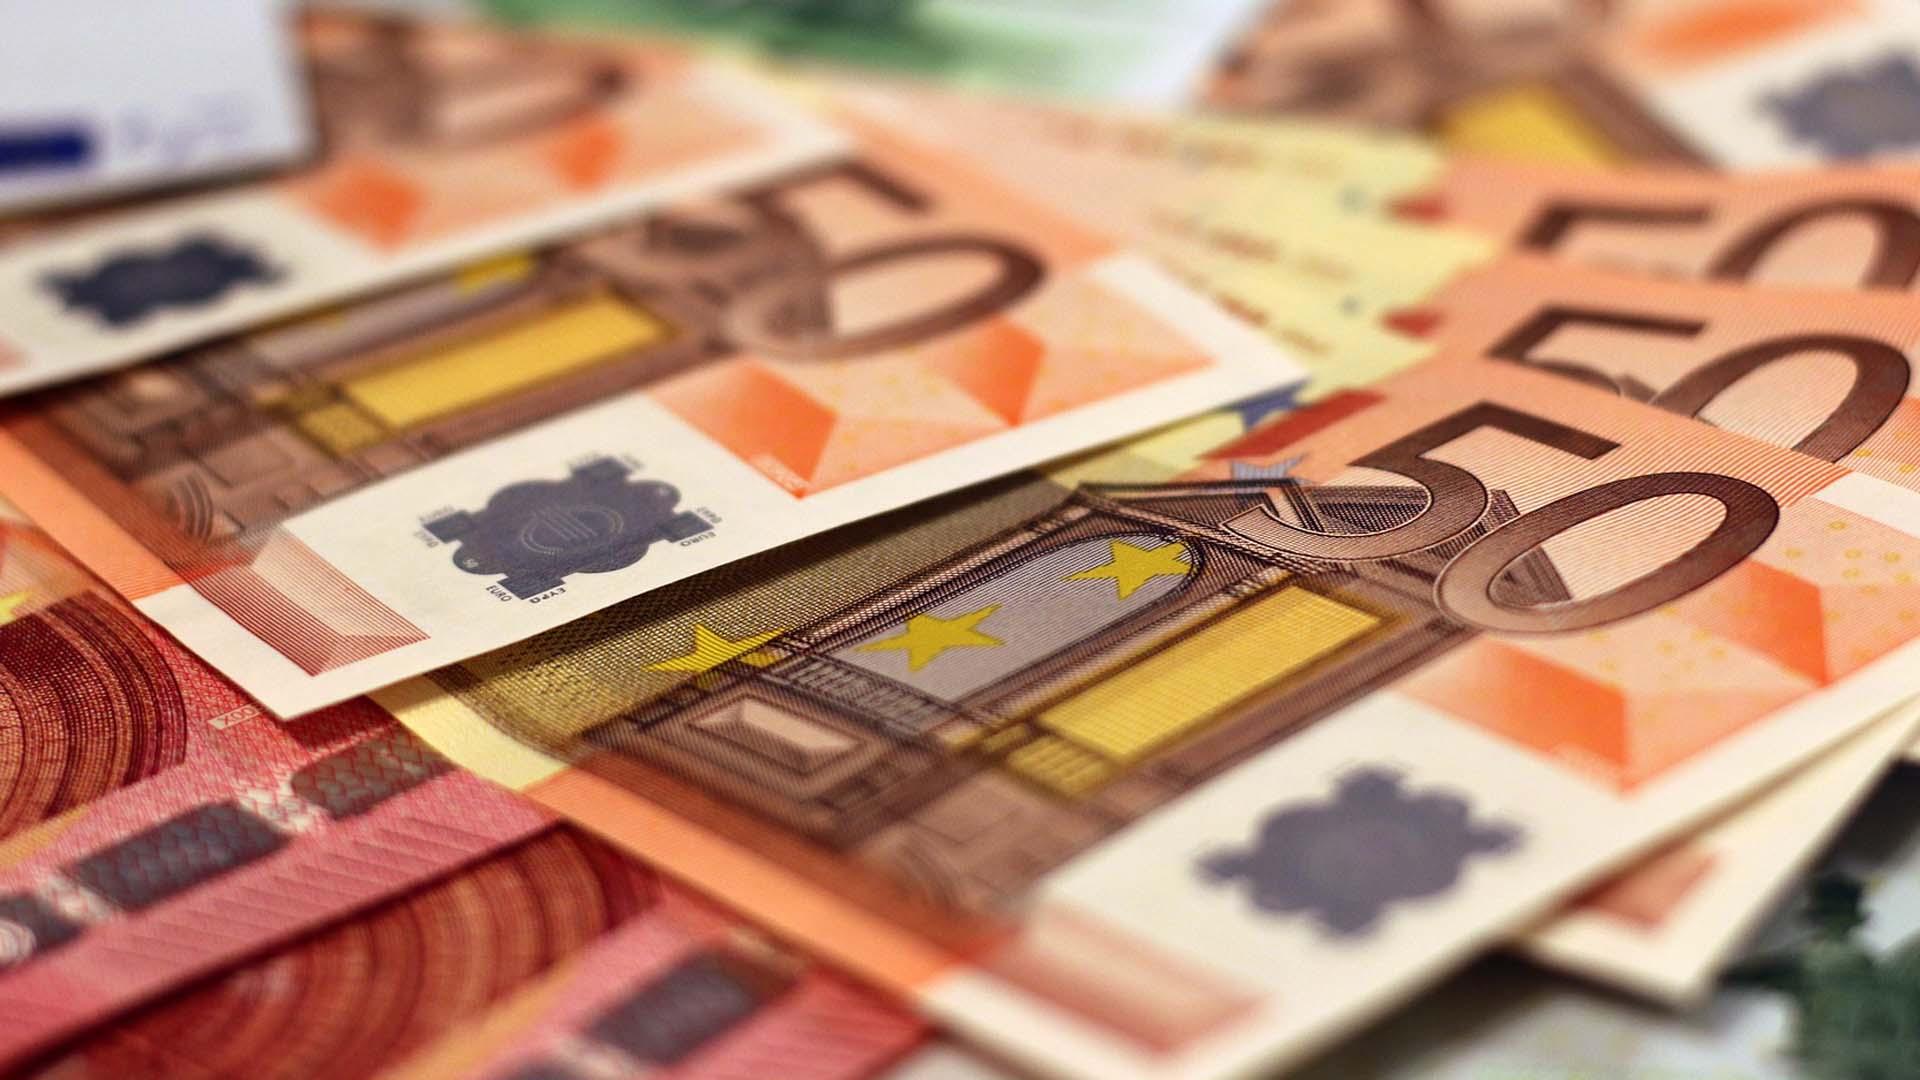 El rediseño de la moneda europea atiende la necesidad de reforzar la seguridad financiera de la eurozona